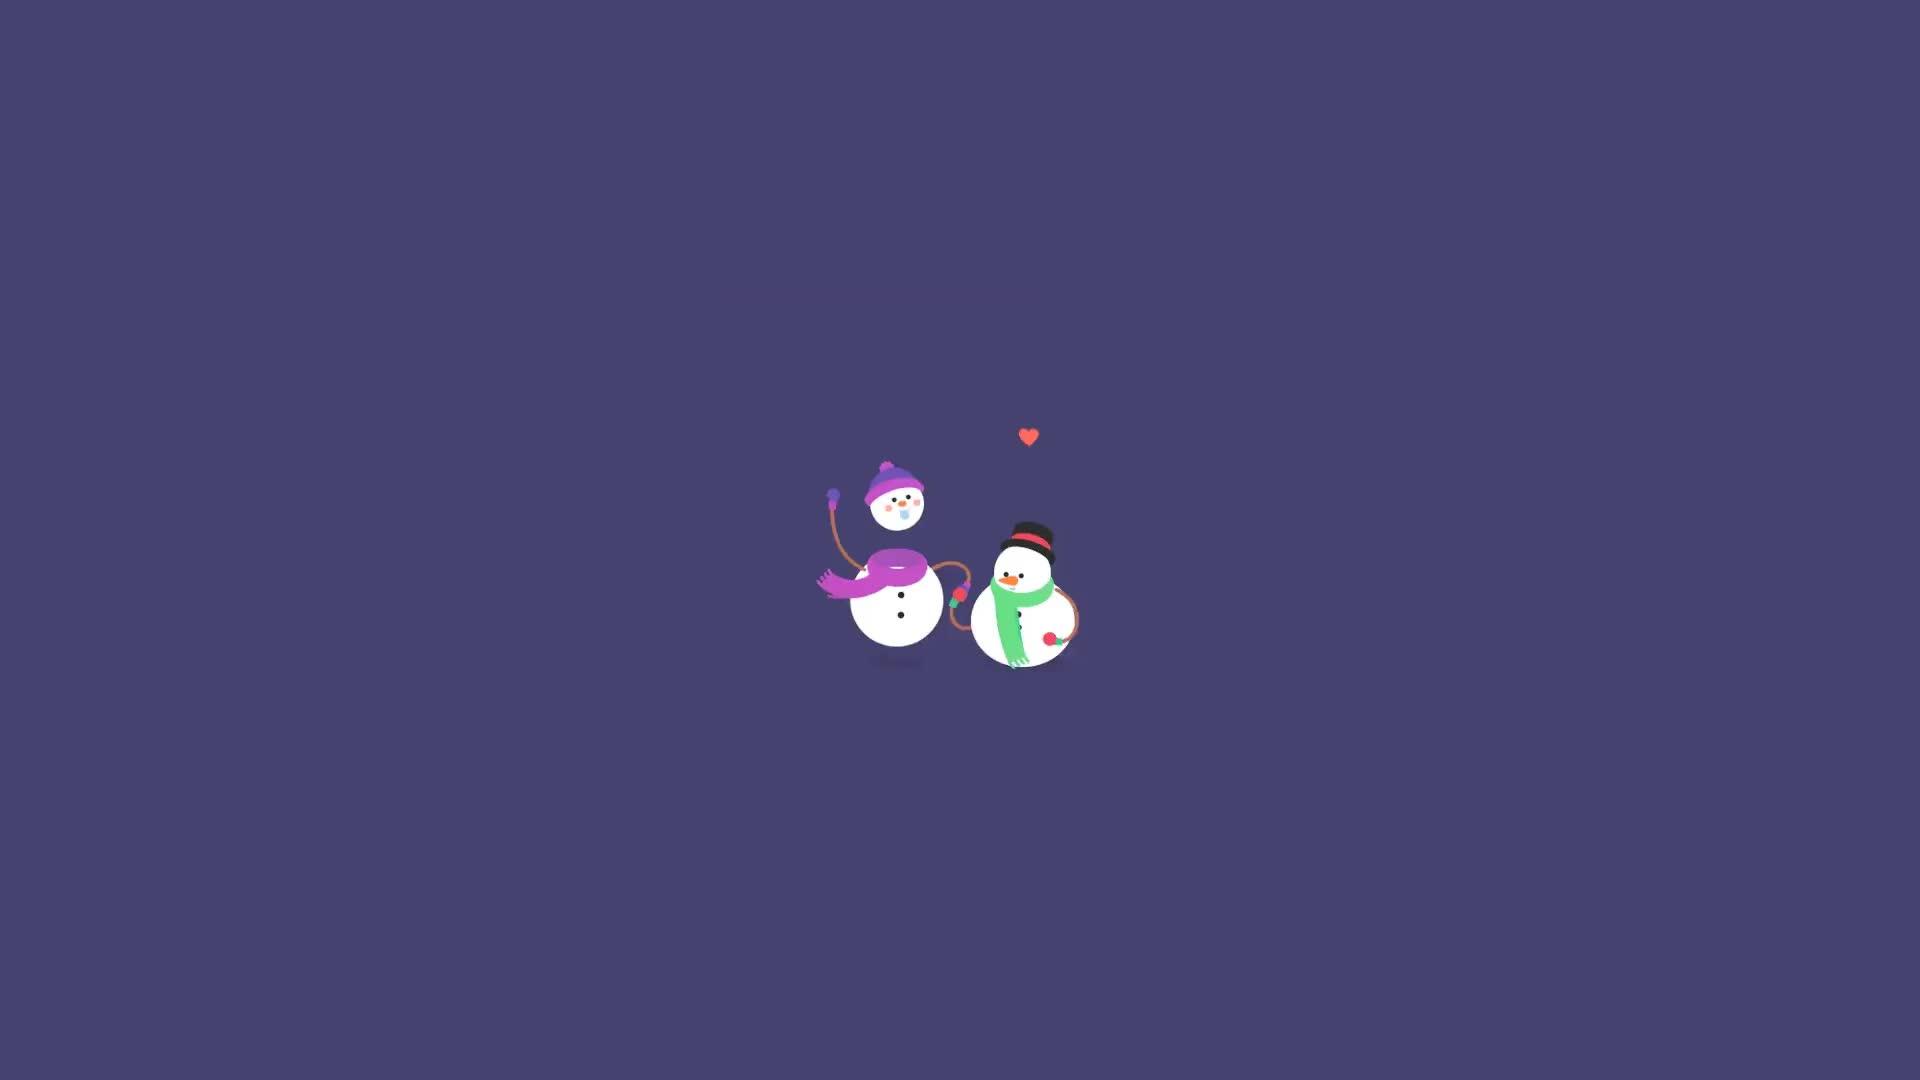 Весёлые Снеговики - живые обои